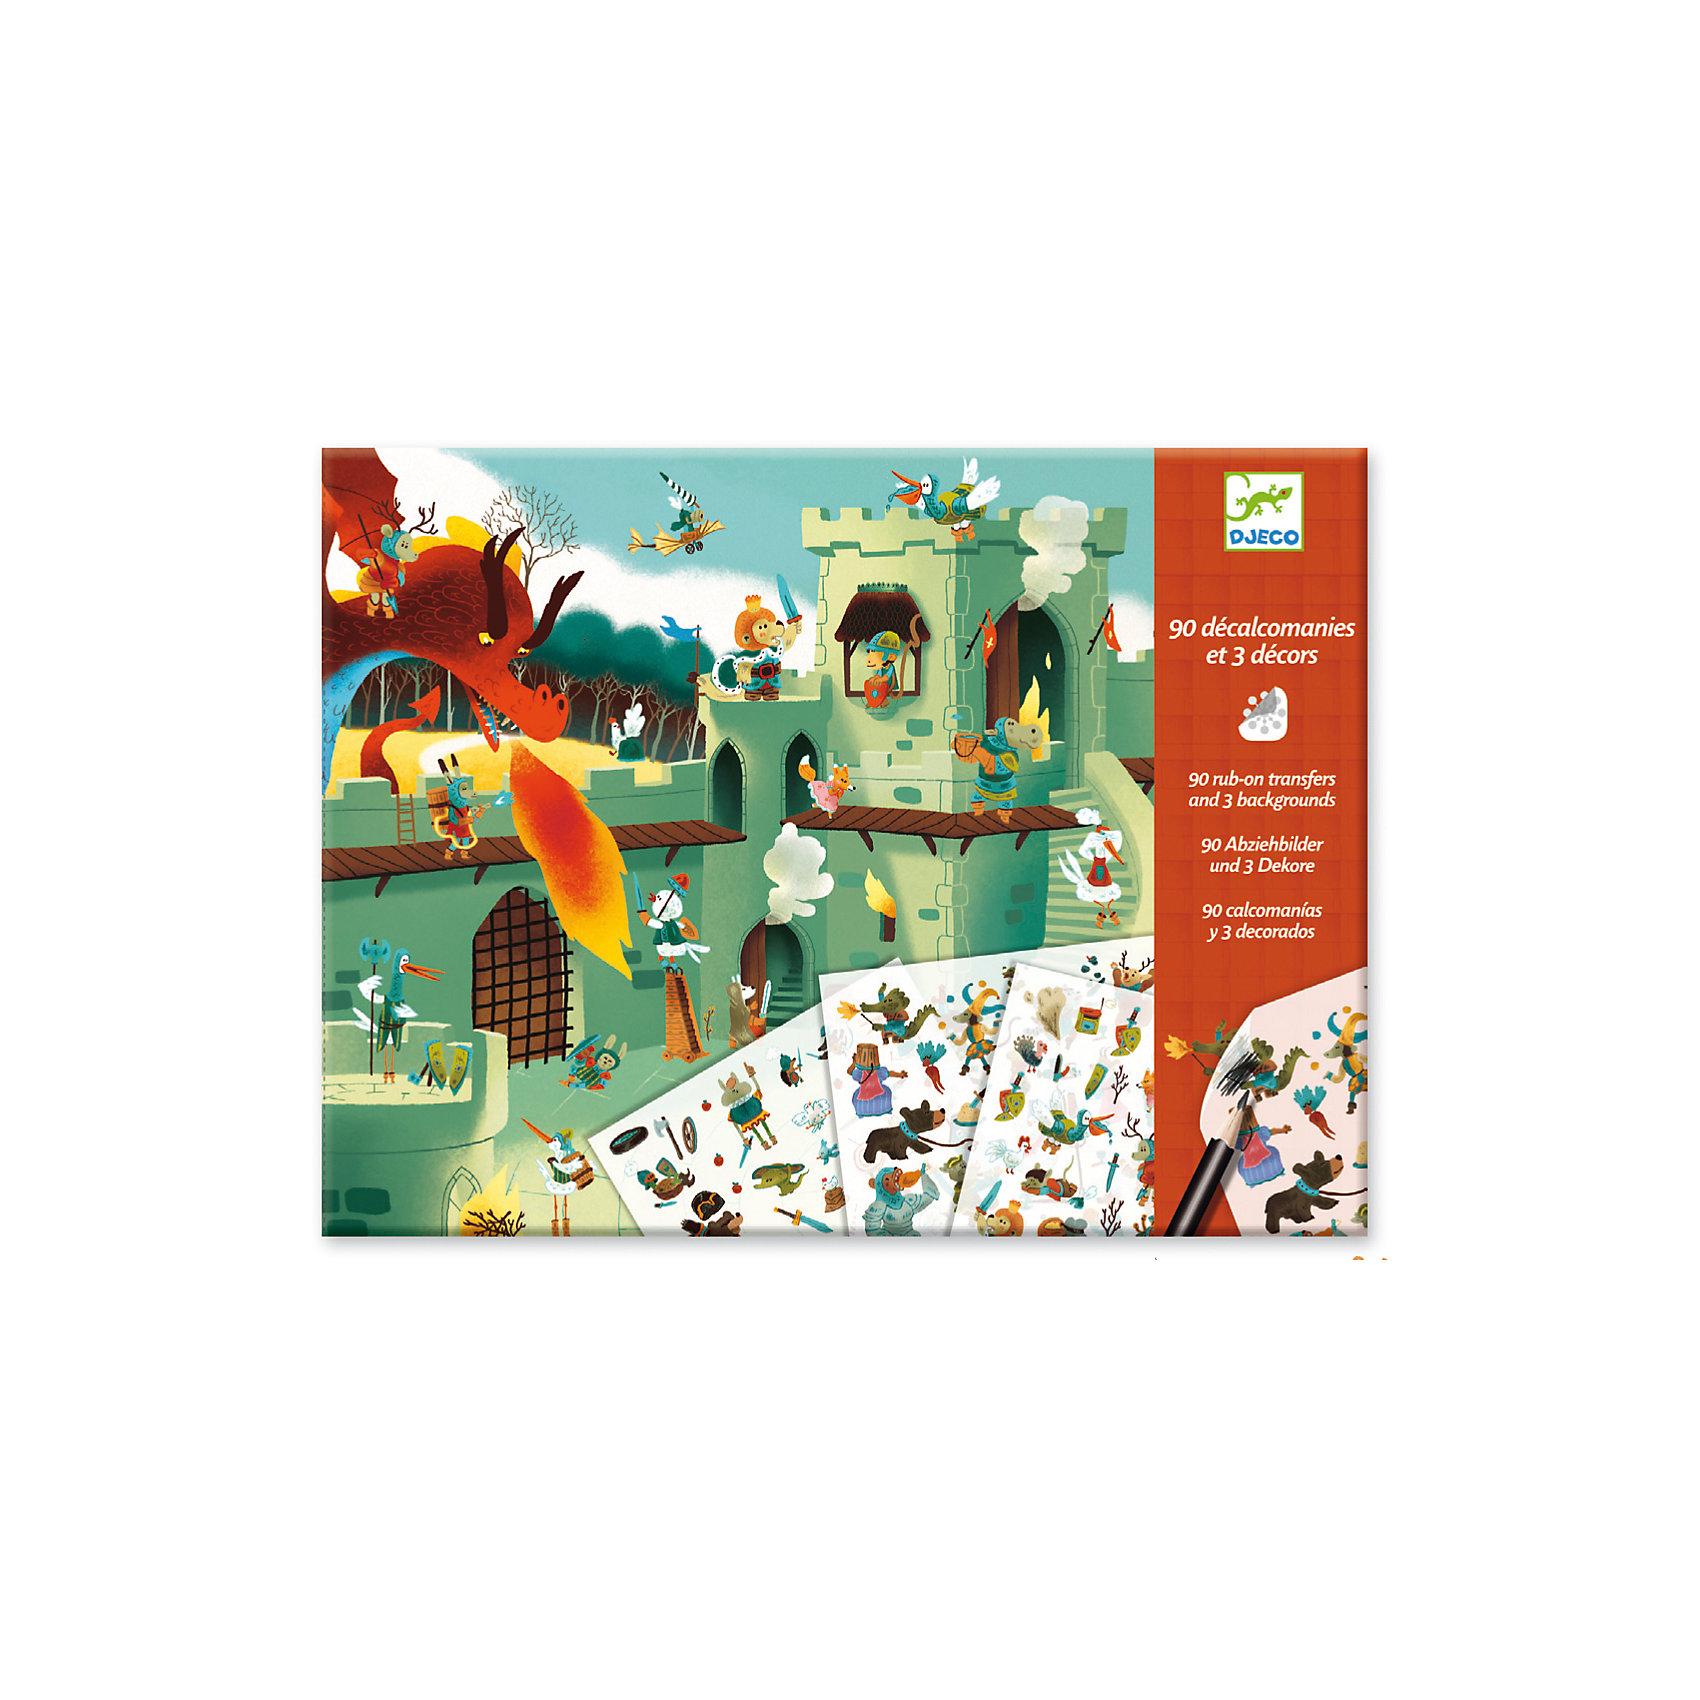 Набор для творчества Средневековые сказки, DJECOРисование<br>Характеристики набора для творчества Средневековые сказки:<br><br>• пол универсальный<br>• возраст: от 4 лет<br>• материал: пластик, бумага<br>• комплект: 3 картинки, 2 листа с переводными картинками <br>• состав набора: 3 мотка шерсти разных цветов (длина мотка 22 метра), магнитное приспособление для изготовления помпонов, множество бусинок, пошаговая инструкция<br>• упаковка: картонный конверт<br>• размер упаковки: 31.5x15x5 см<br>• размер картинки: 21 х29.7 см<br>• размер листа с наклейками: 20х 13 см<br>• бренд: Djeco<br>• страна обладателя бренда: Франция<br><br>Набор для творчества Средневековые сказки от производителя Djeco (Джеко) позволит Вашему ребенку самостоятельно сочинять средневековые истории с помощью красочных переводных наклеек. В комплекте можно найти 3 картинки и два листа с наклейками, которые с легкостью переводятся на бумажную основу. <br><br>К набору также прилагается подробная инструкция с примерами, поэтому у ребенка не возникнет сложностей. Набор способствует развитию творческого мышления, фантазии и воображения.<br><br>Набор для творчества Средневековые сказки торговой марки Djeco (Джеко) можно купить в нашем интернет-магазине.<br><br>Ширина мм: 320<br>Глубина мм: 240<br>Высота мм: 100<br>Вес г: 160<br>Возраст от месяцев: 48<br>Возраст до месяцев: 2147483647<br>Пол: Унисекс<br>Возраст: Детский<br>SKU: 5448817